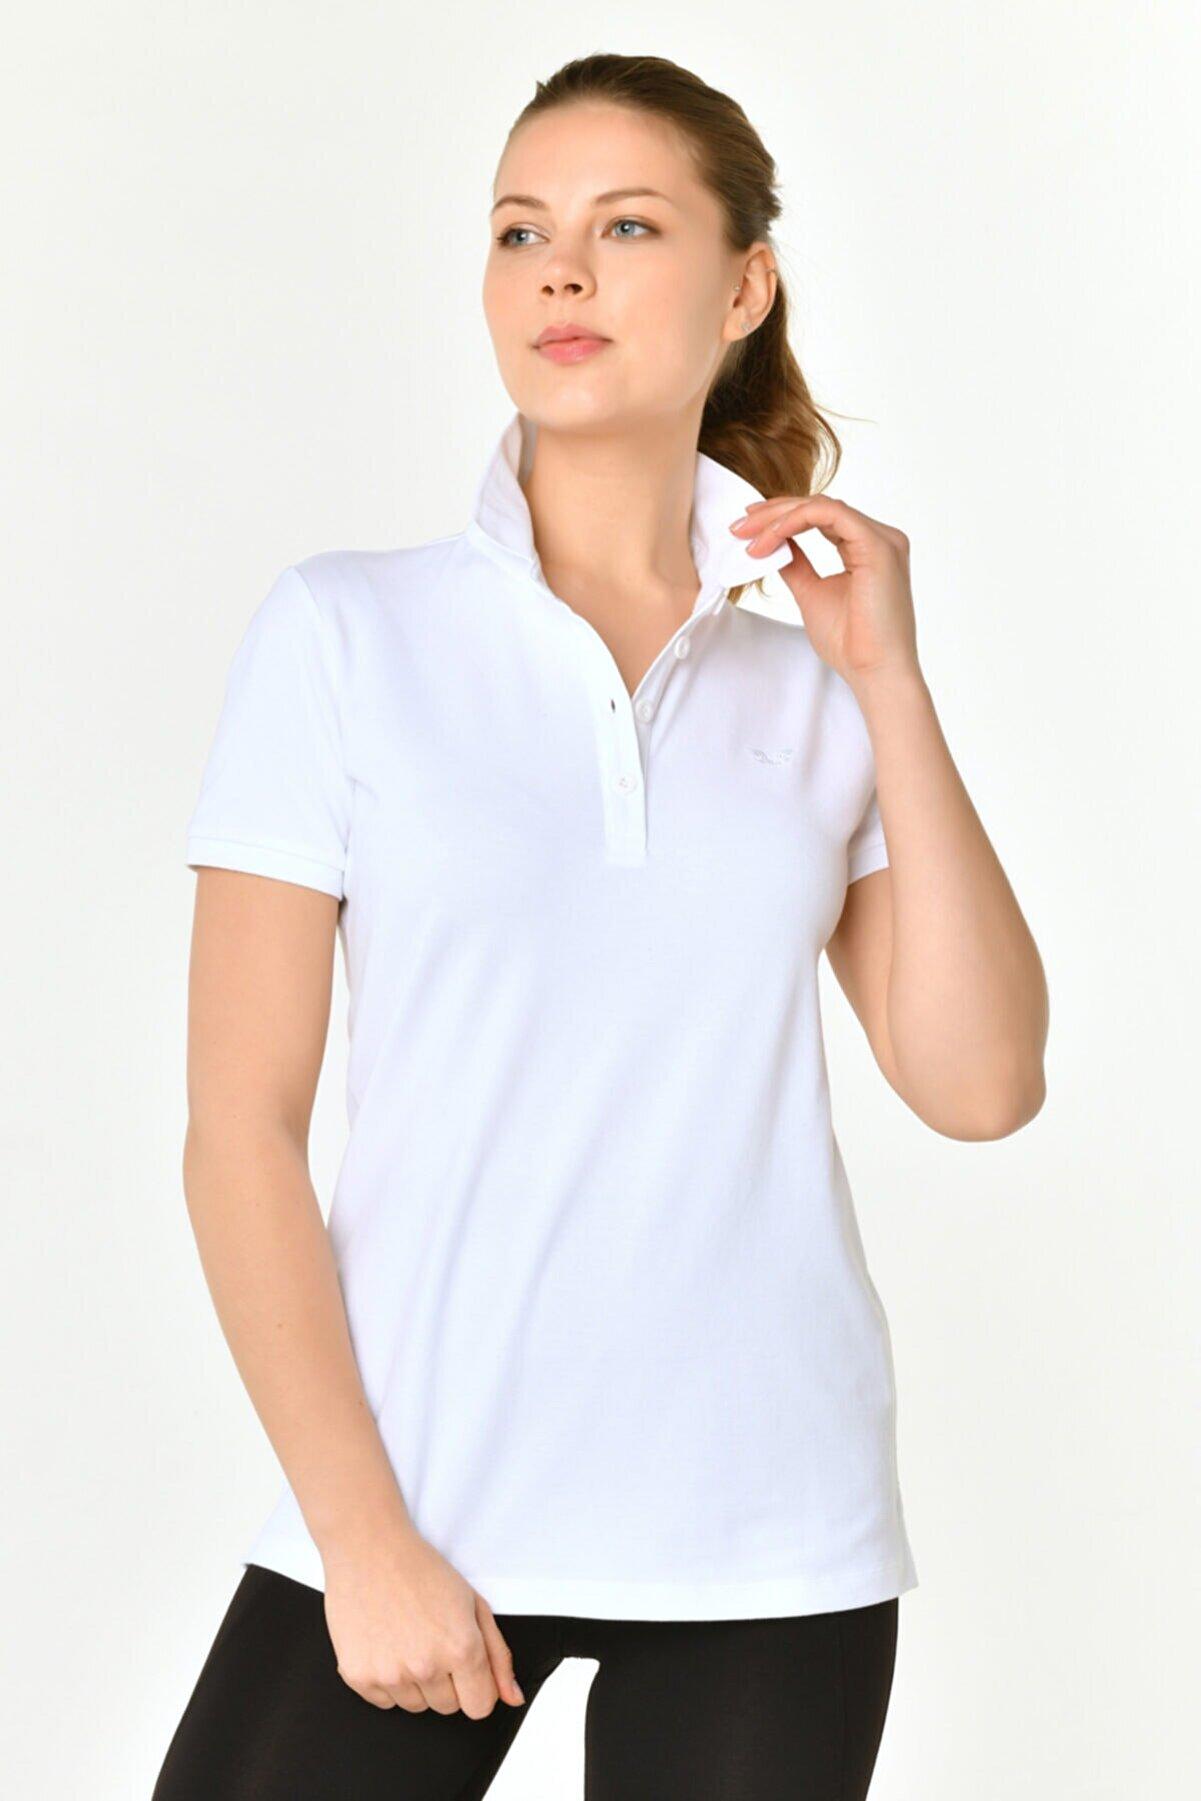 bilcee Beyaz Kadın Polo Yaka T-shırt Hs-8719